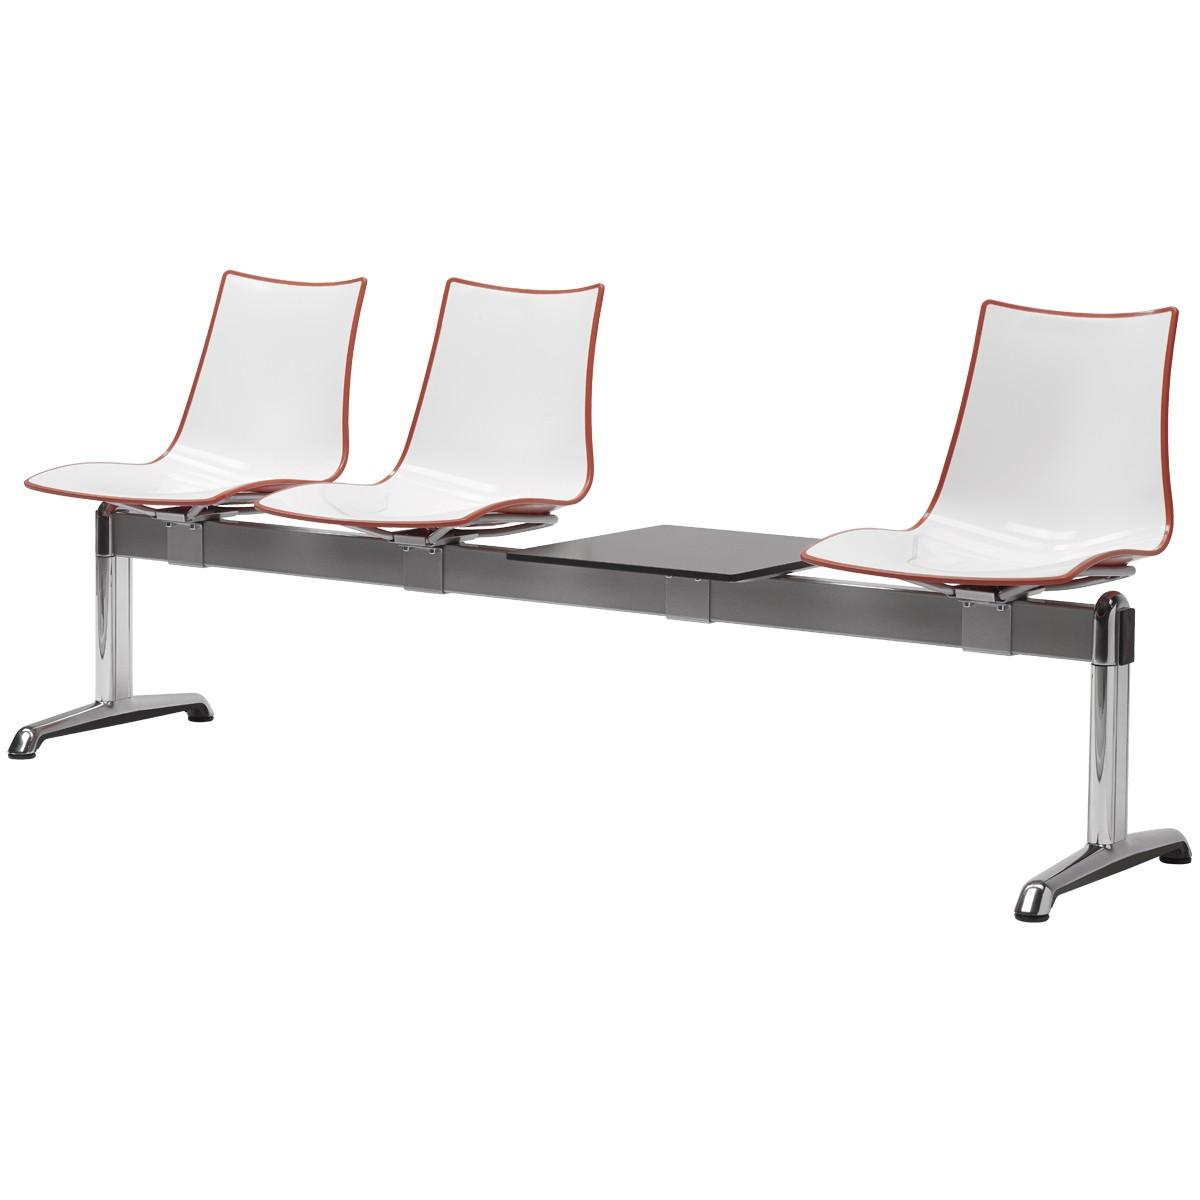 Ławka do poczekalni trzy osoby siedzisko z tworzywa Zebra Scab Design